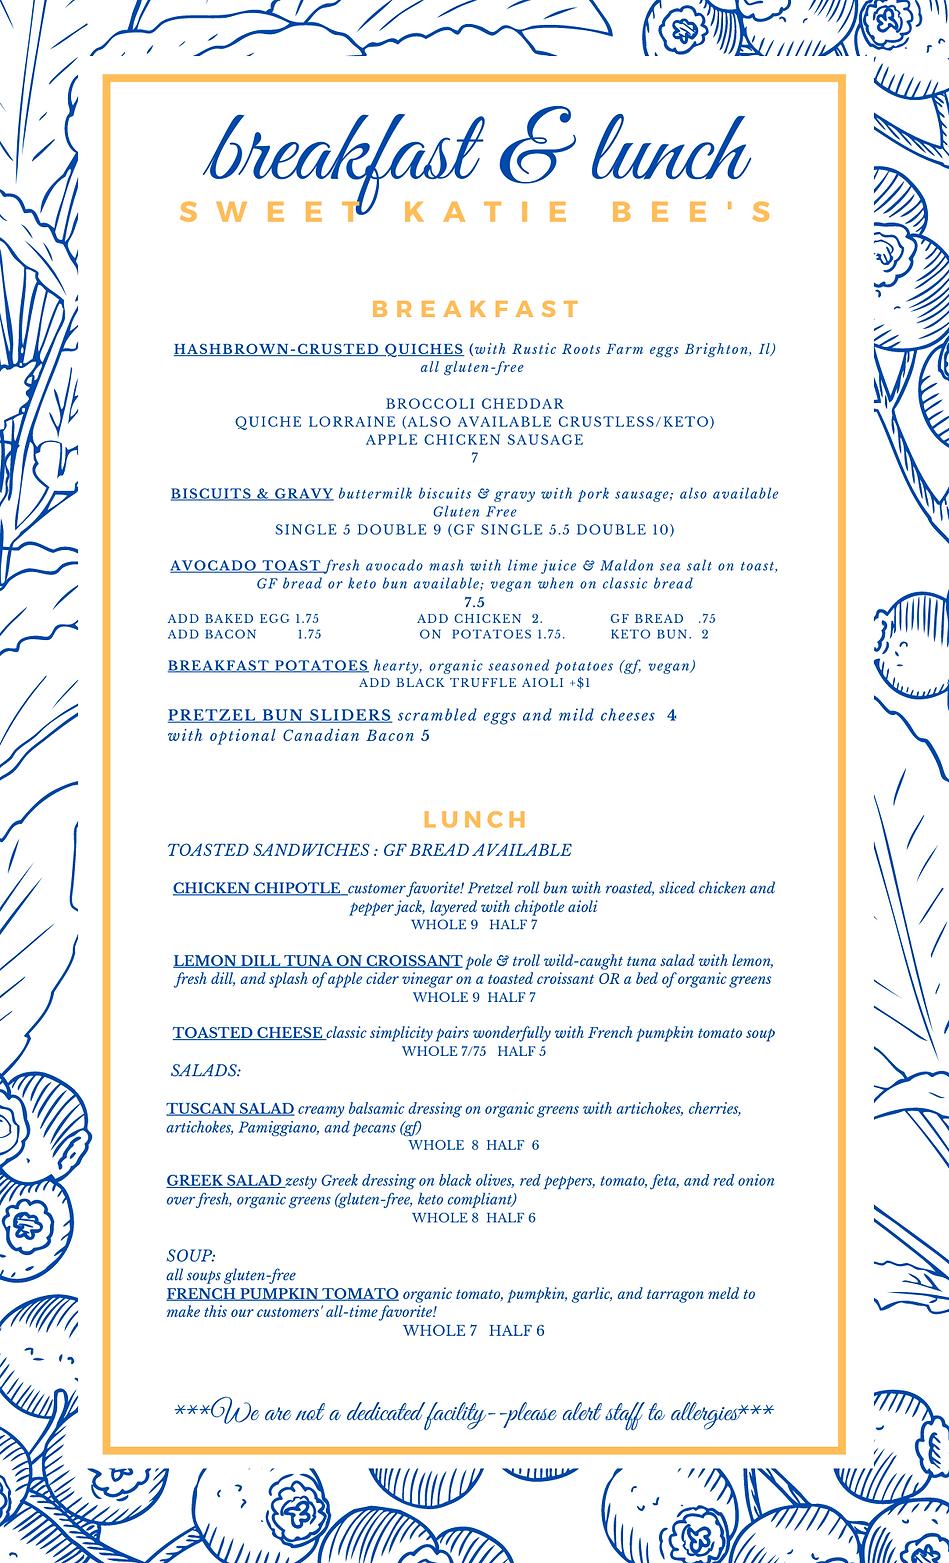 Pared down menu 3.26.21.png